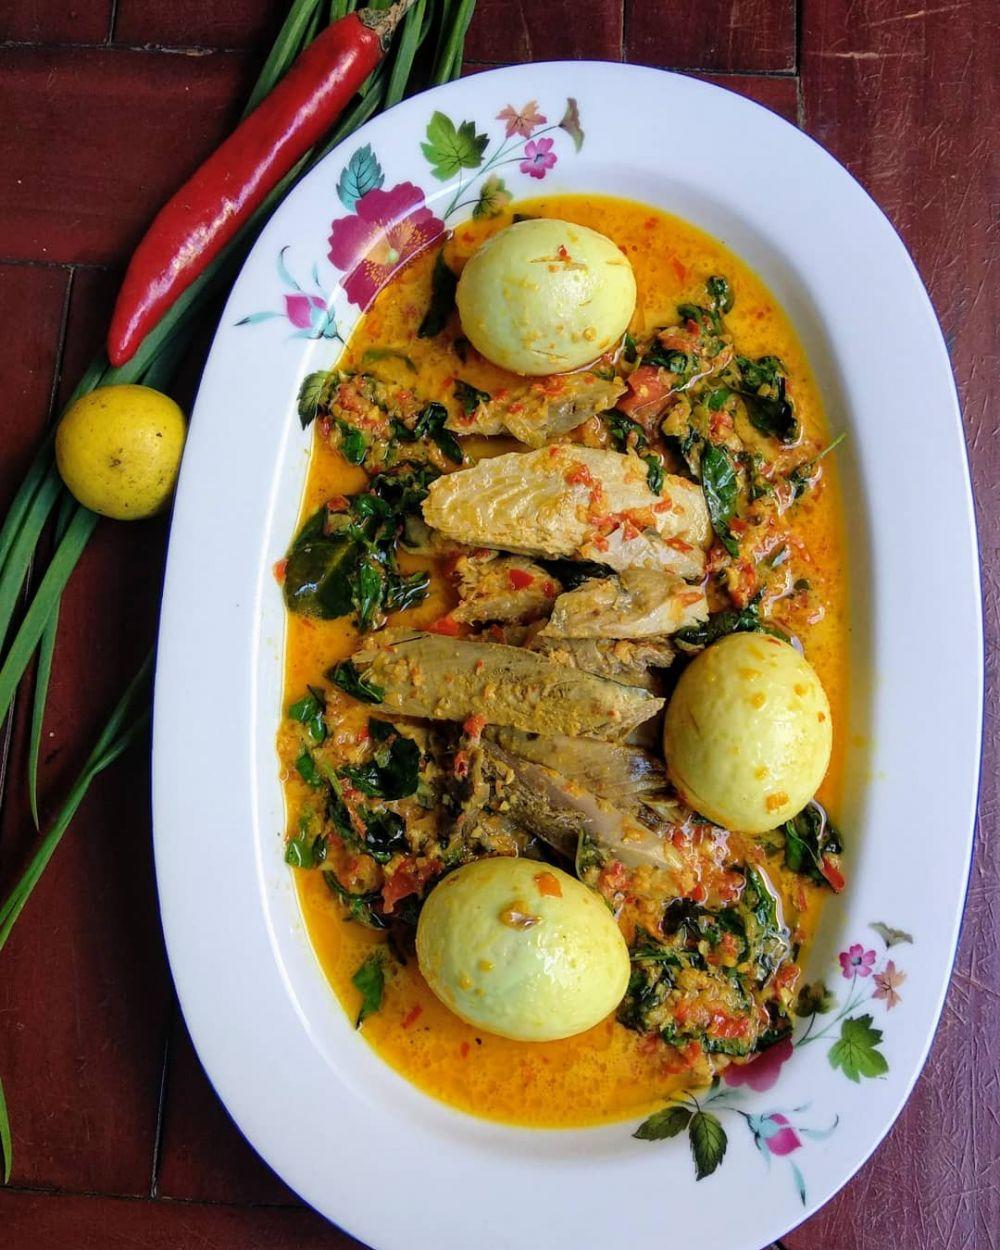 Resep ikan masak santan © 2020 brilio.net